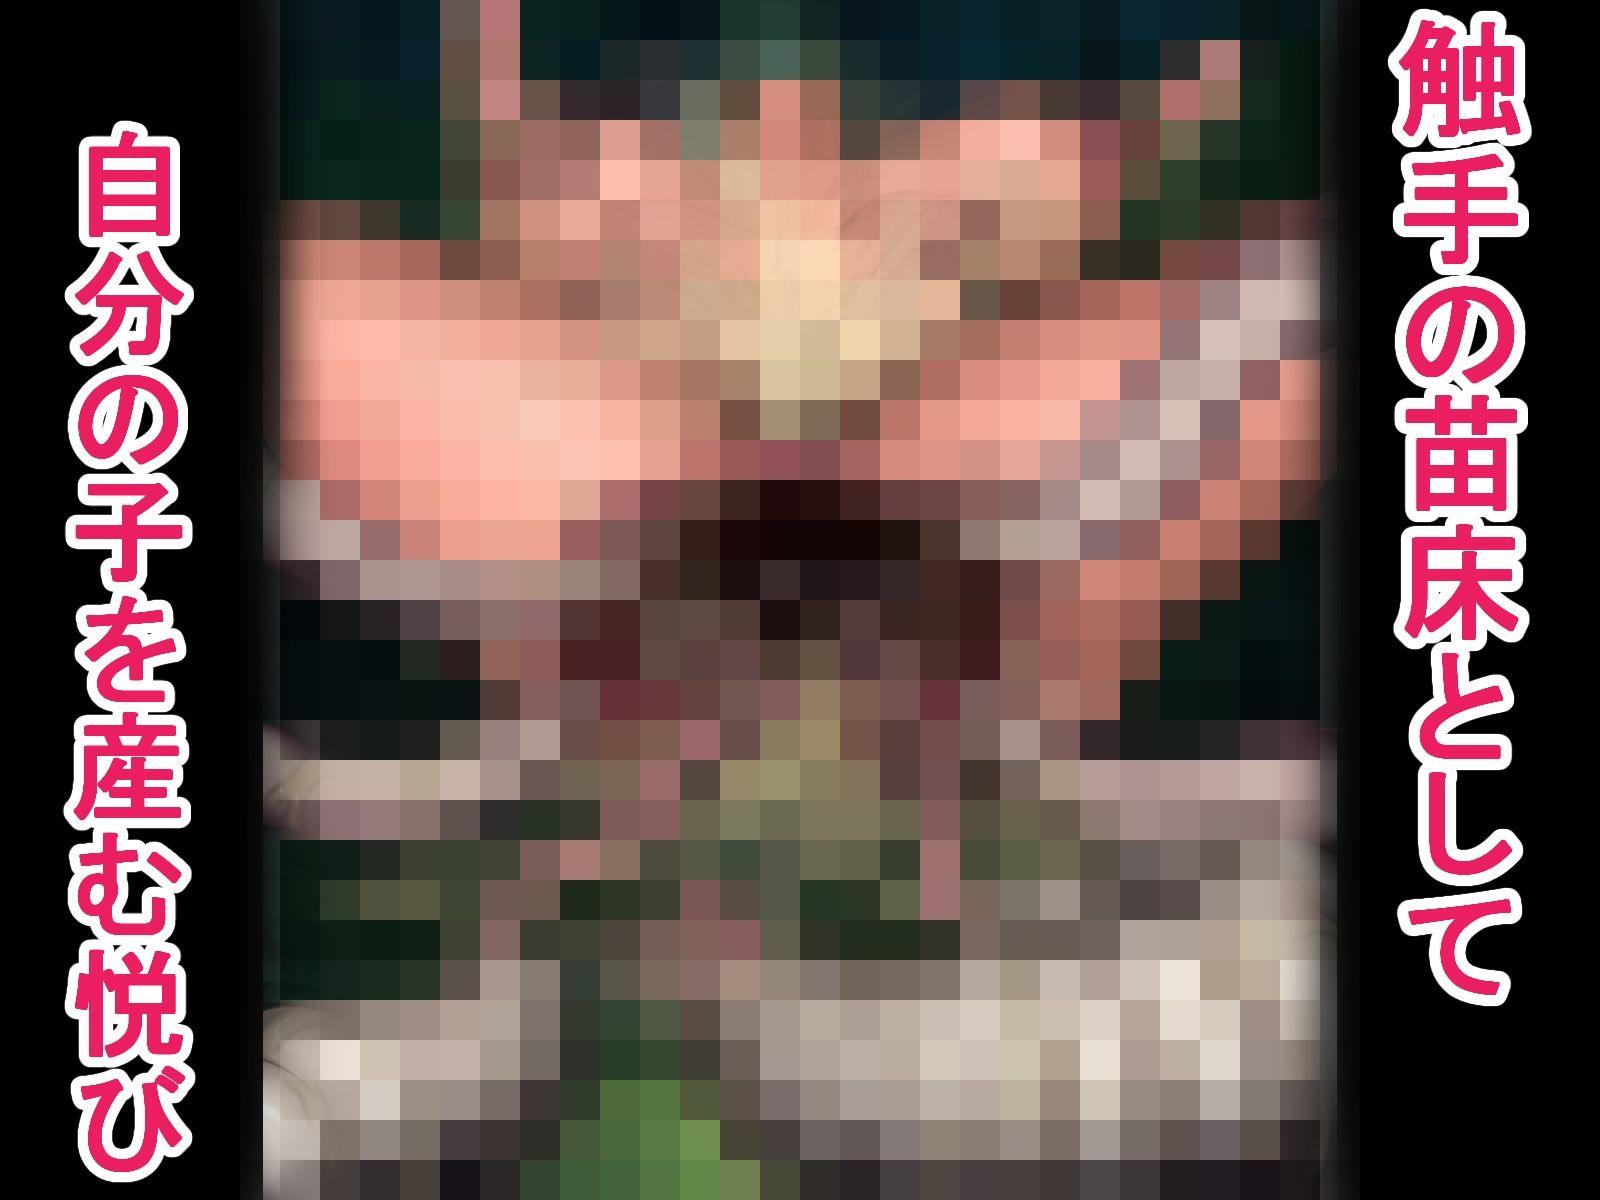 【エロ漫画】アナル改造触手オナニー ~苗床へと堕ちていく、ある女性の手記~ 産卵×出産×拡張×肥大化「サークル:暖かい淫雨の夜で」【同人・CG】#8